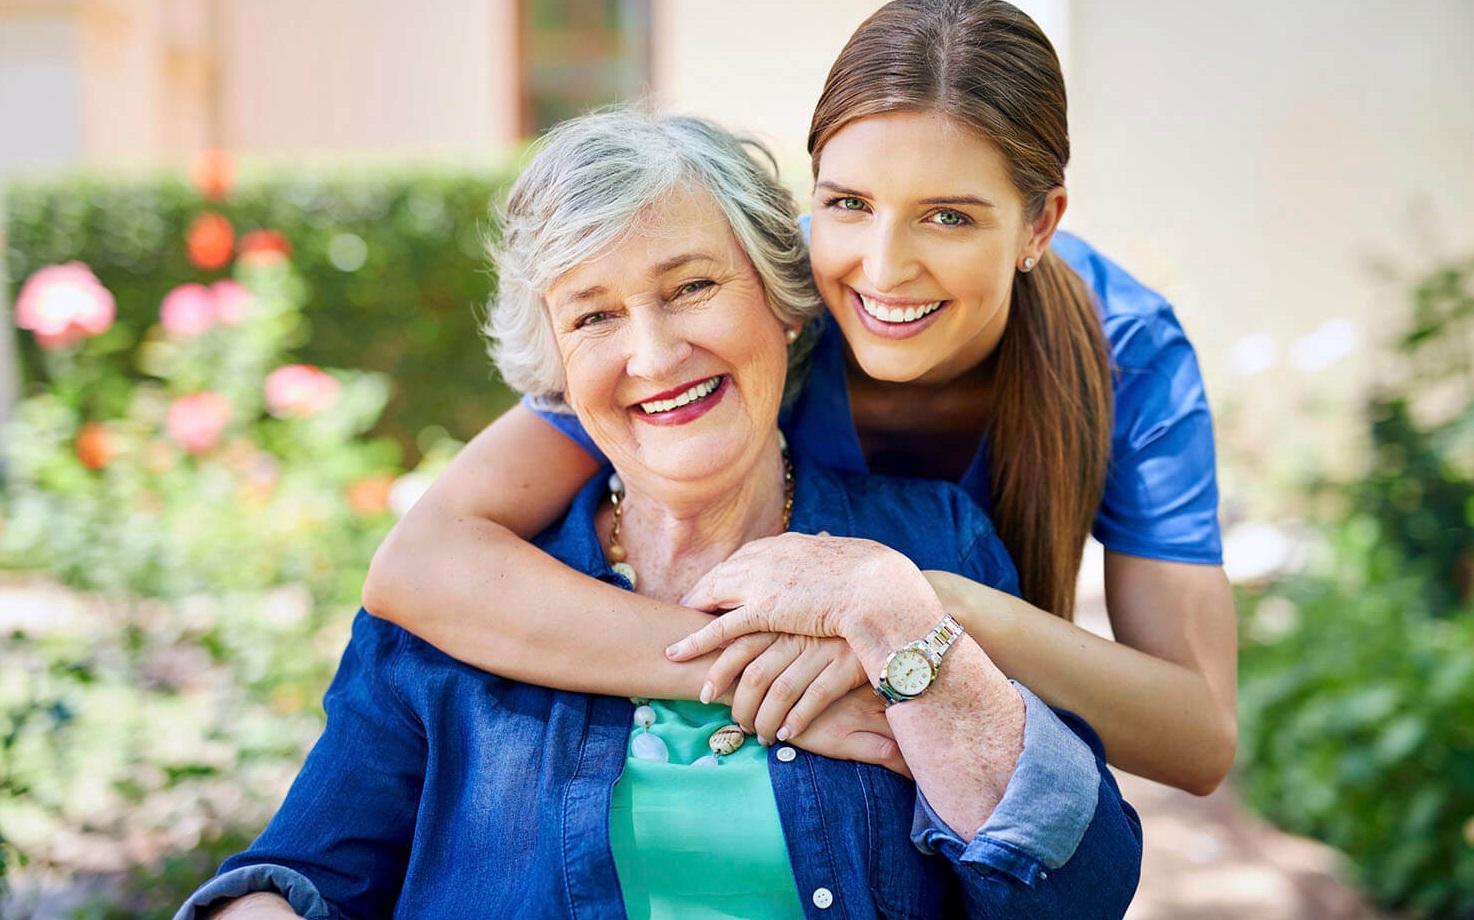 пансионат для престарелых в Талдоме